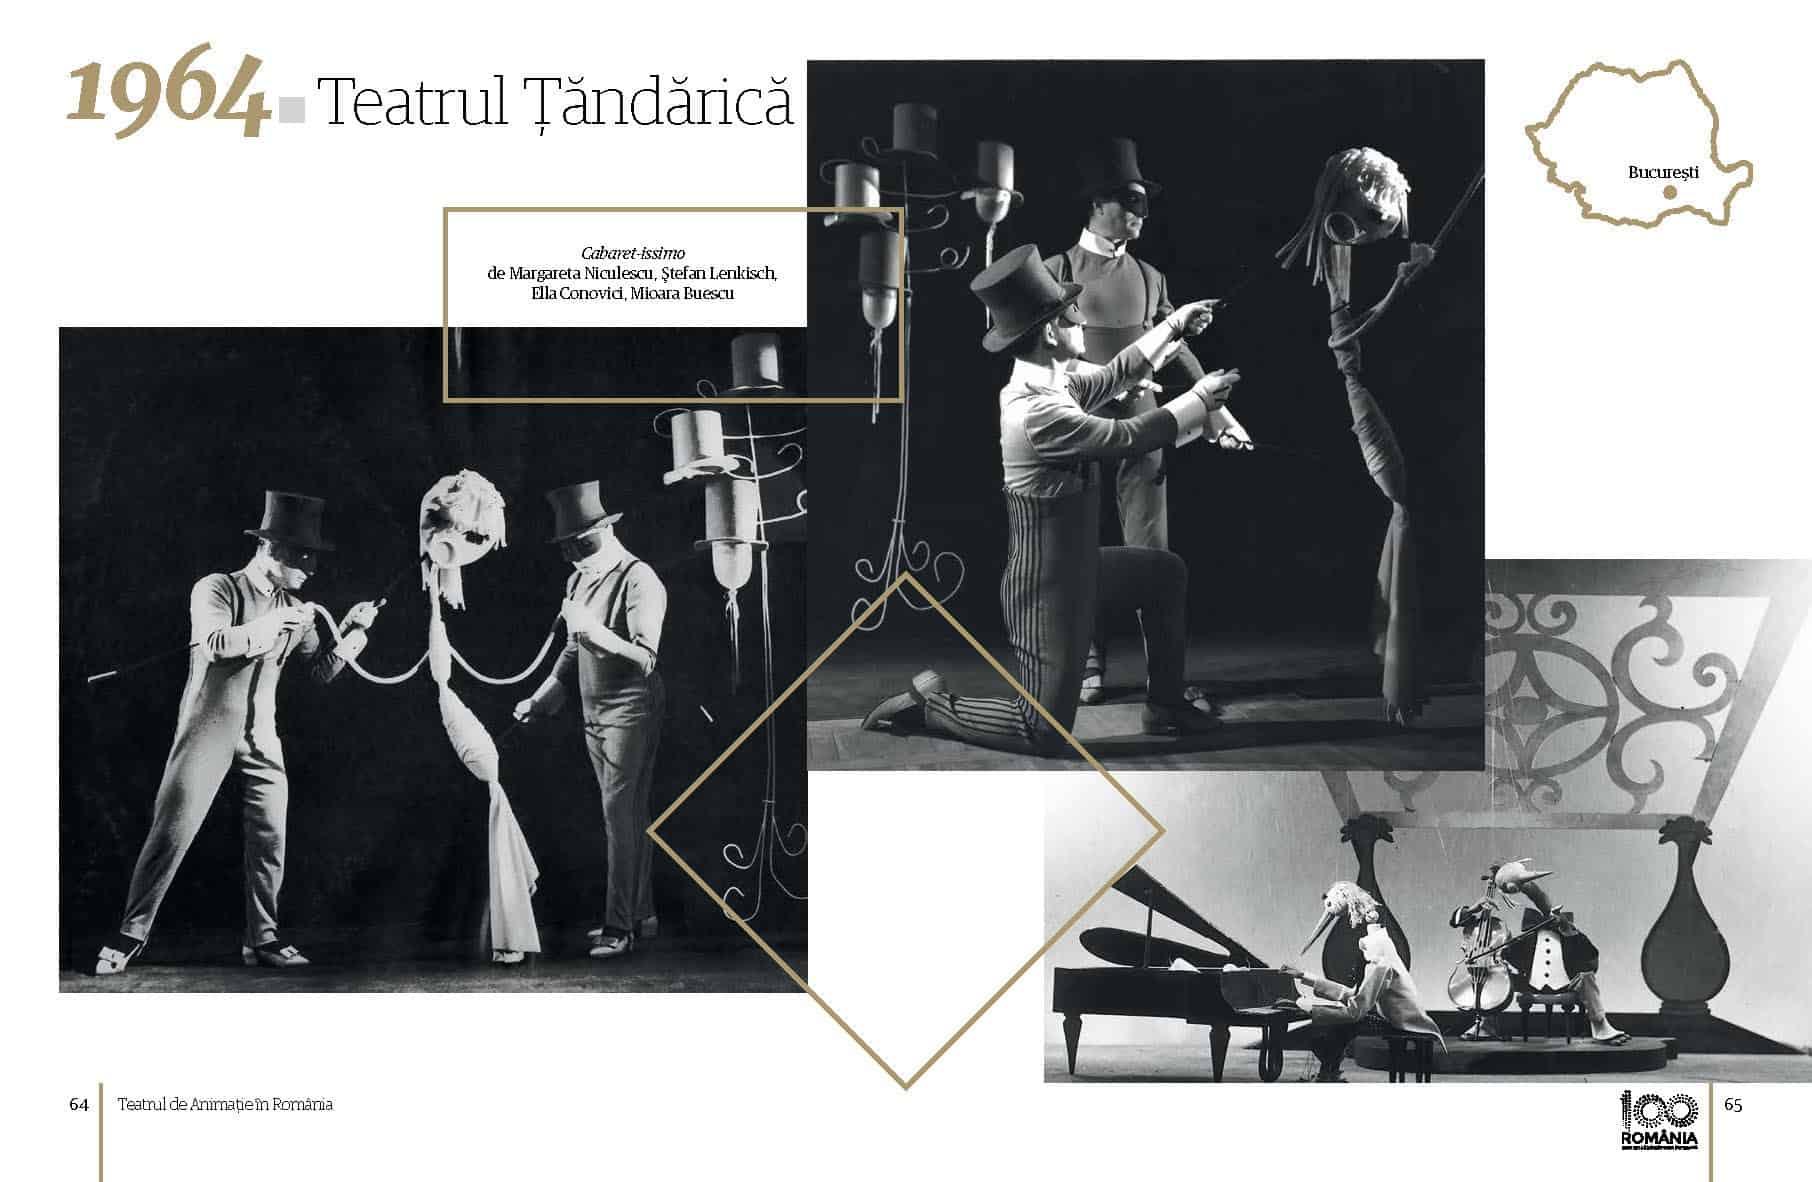 Album Teatrul de Animatie in Romania final preview fata in fata Page 33